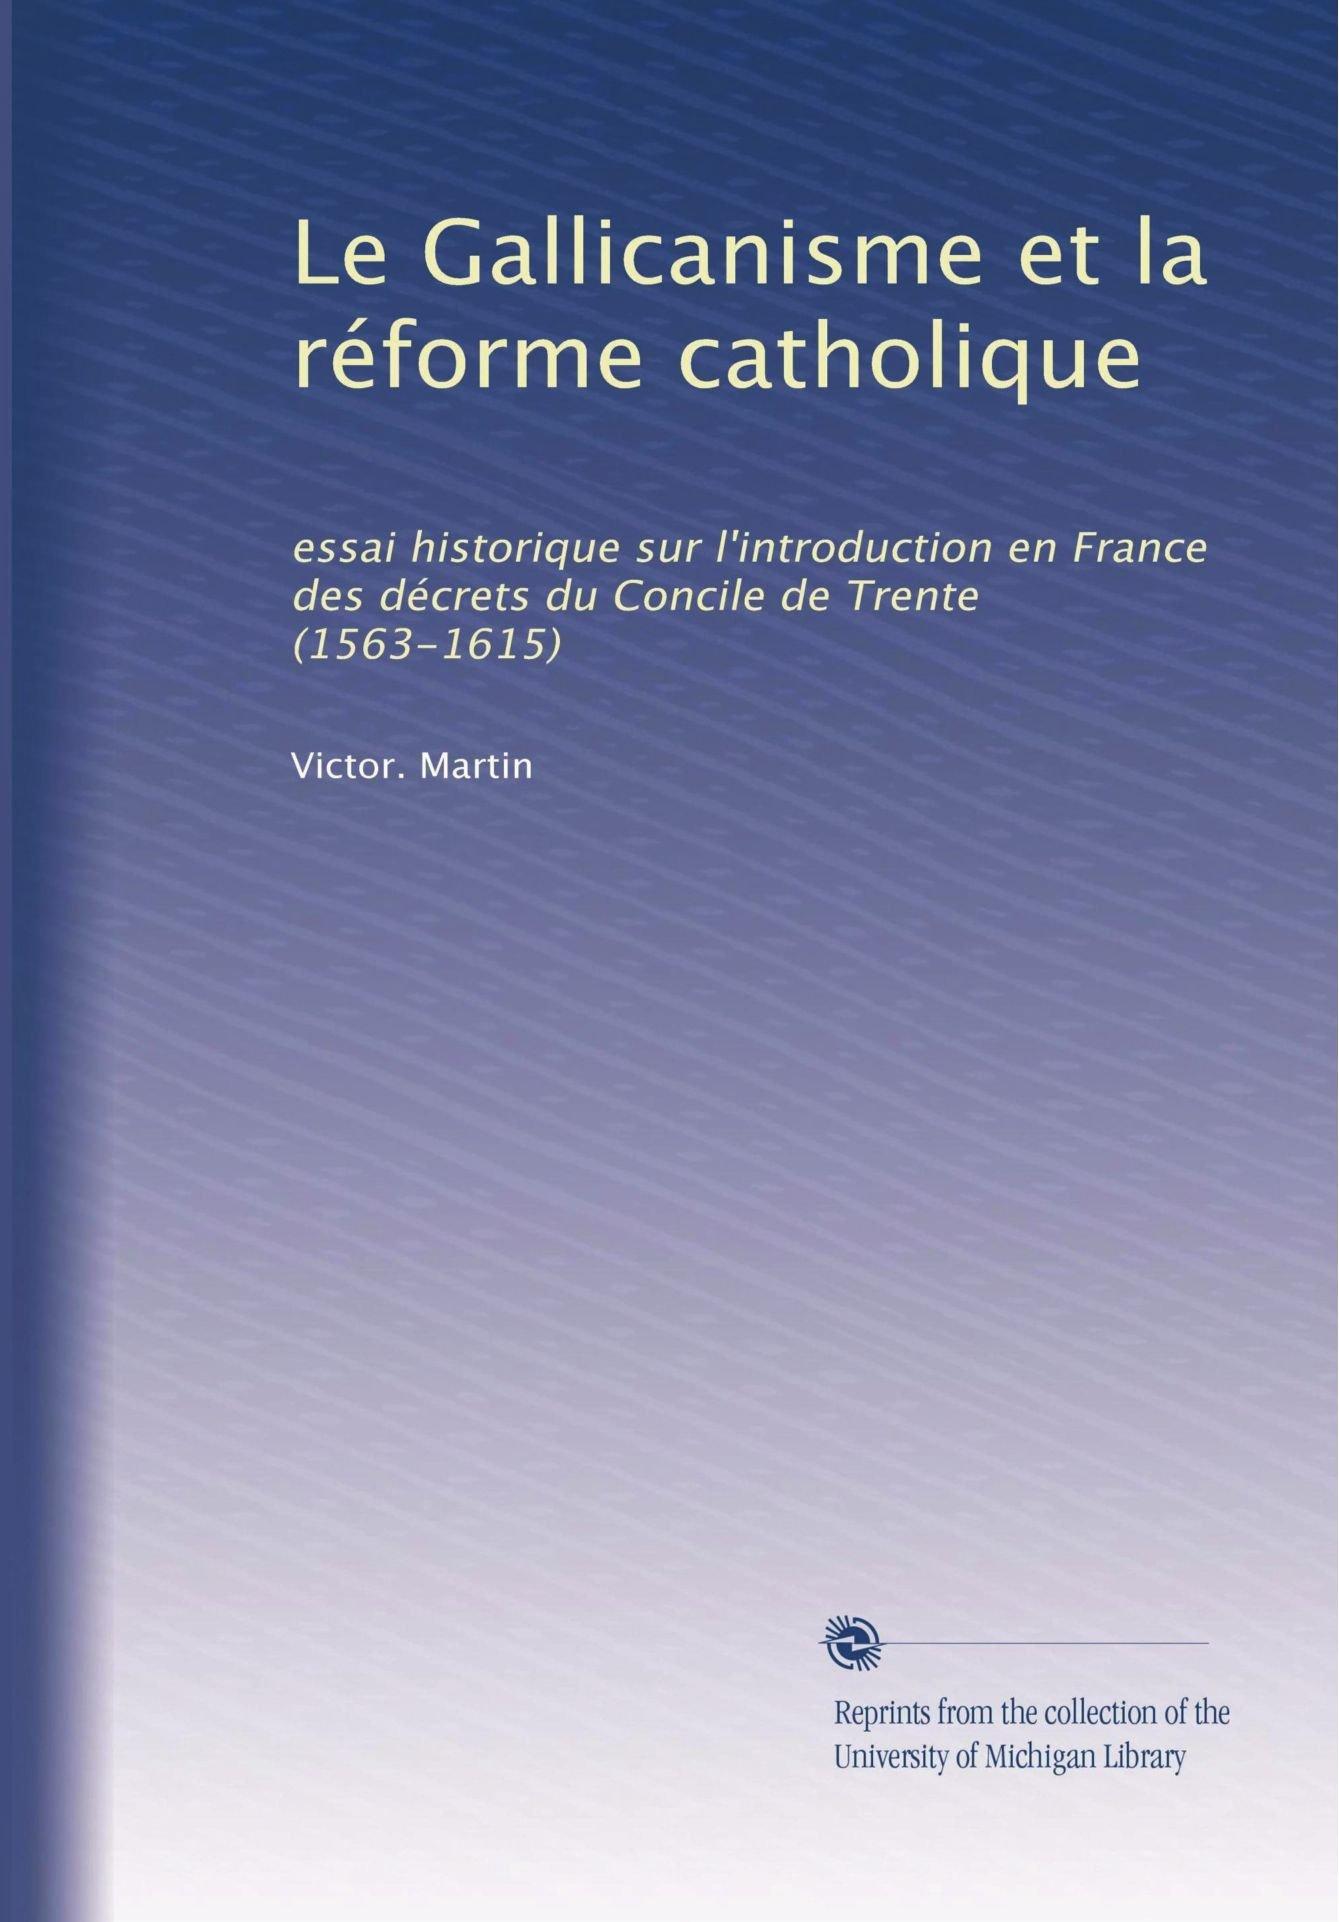 Le Gallicanisme et la réforme catholique: essai historique sur l'introduction en France des décrets du Concile de Trente (1563-1615) (French Edition) PDF